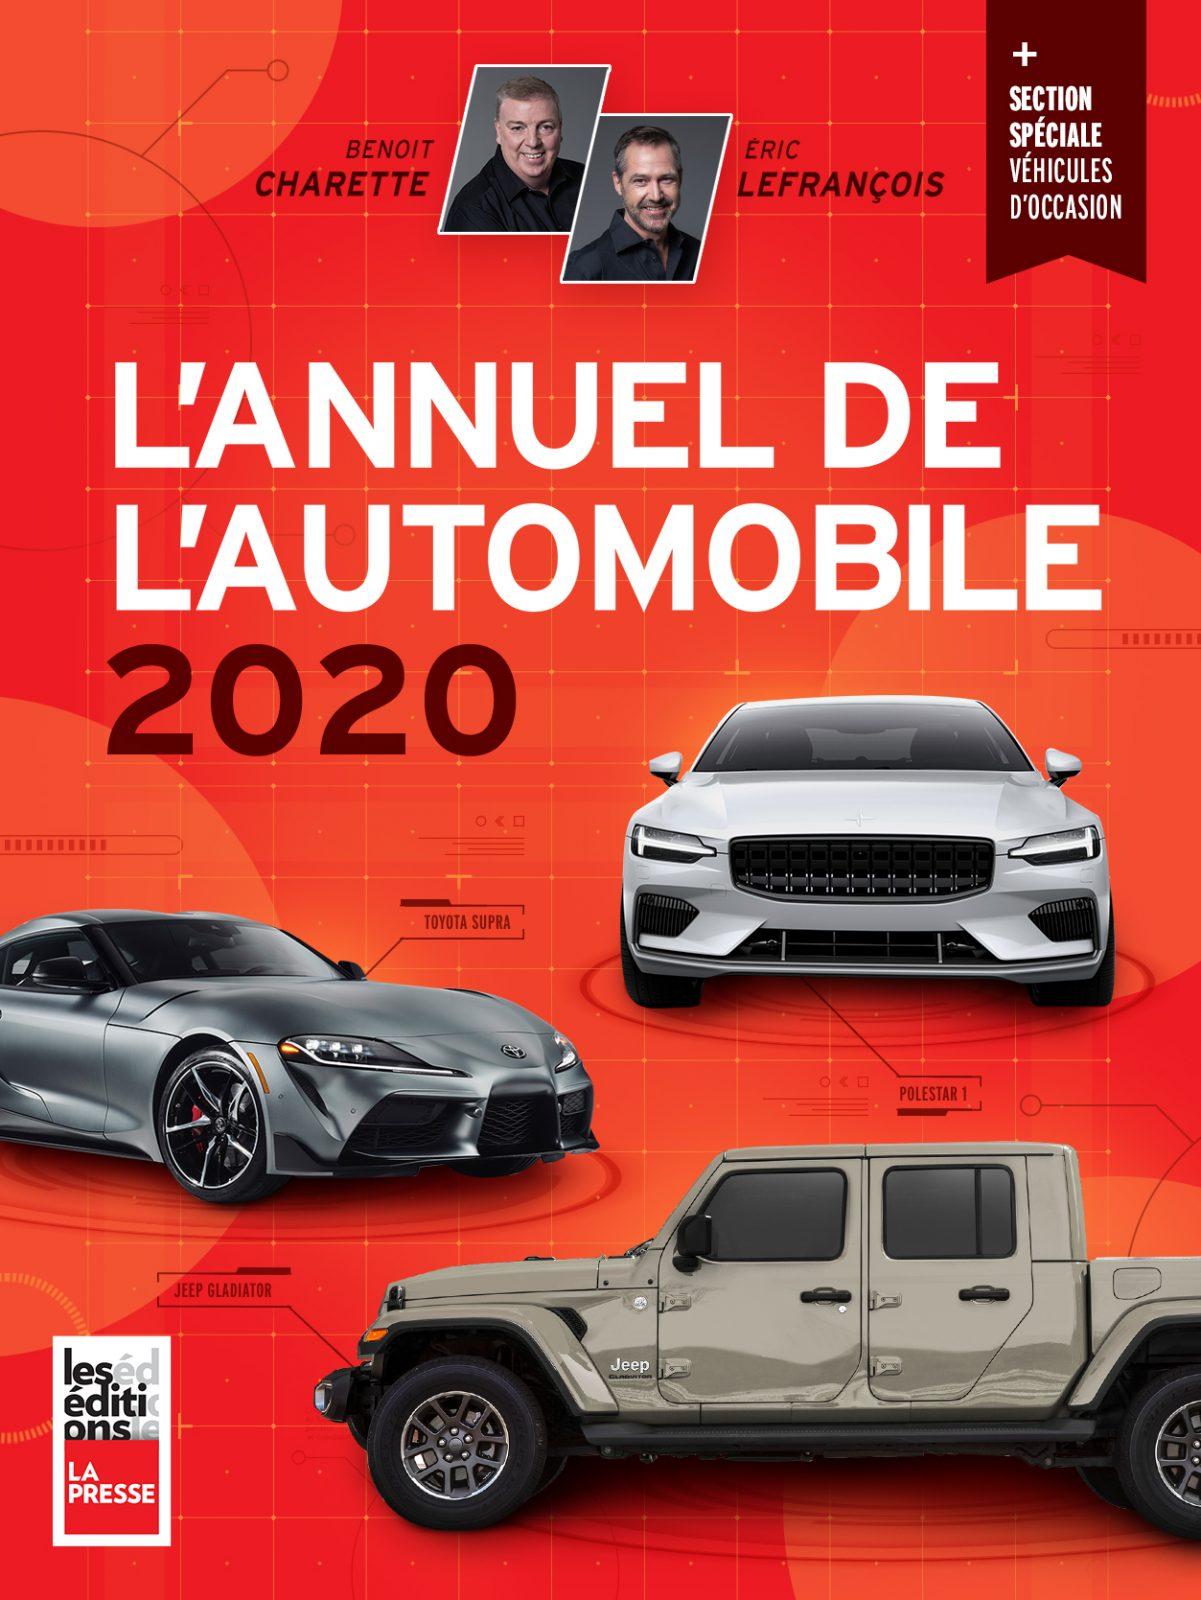 L'Annuel de l'Automobile 2020 – Toujours plus d'informations